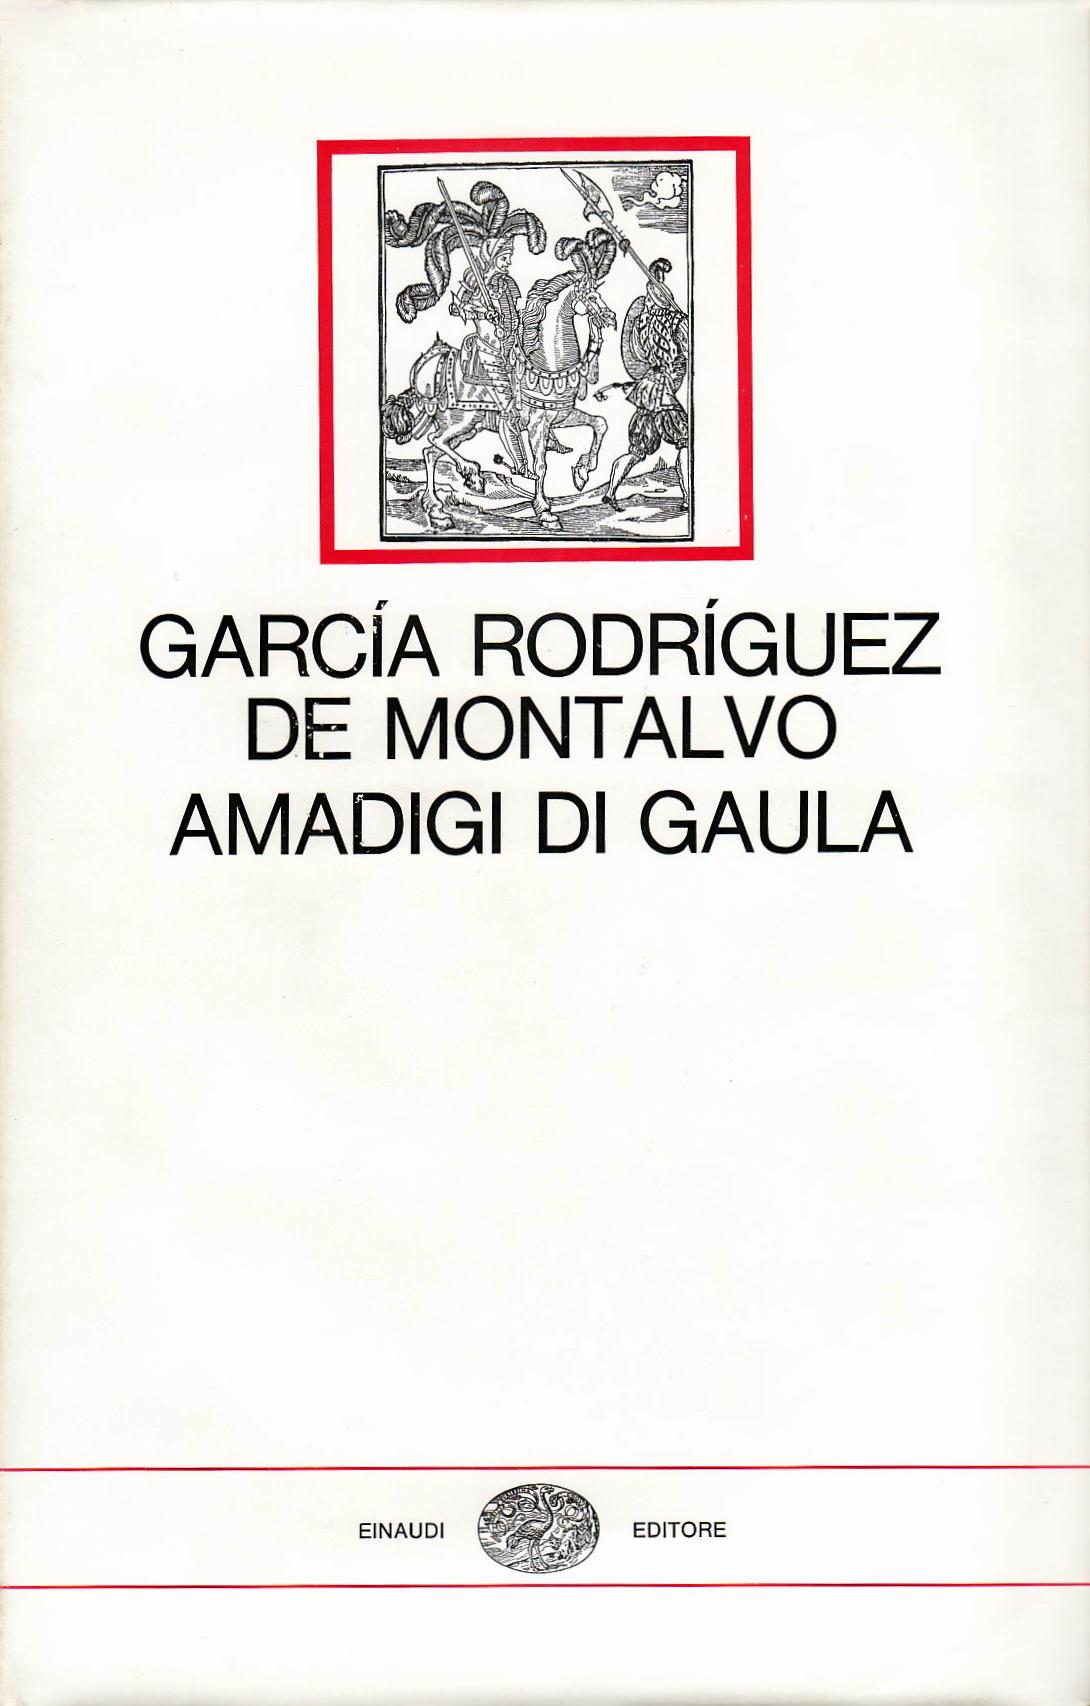 Amadigi di Gaula